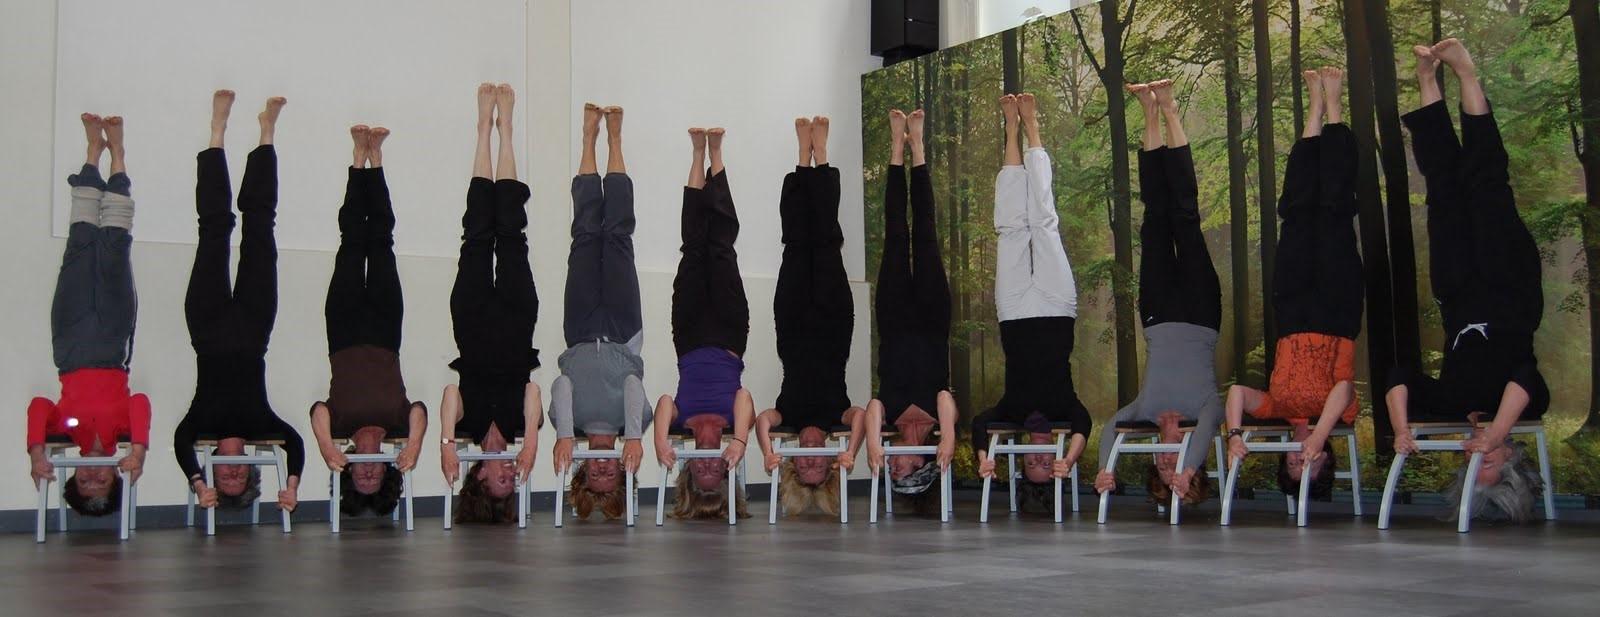 Yogapraktijk Loes aan de Maas in Rotterdam